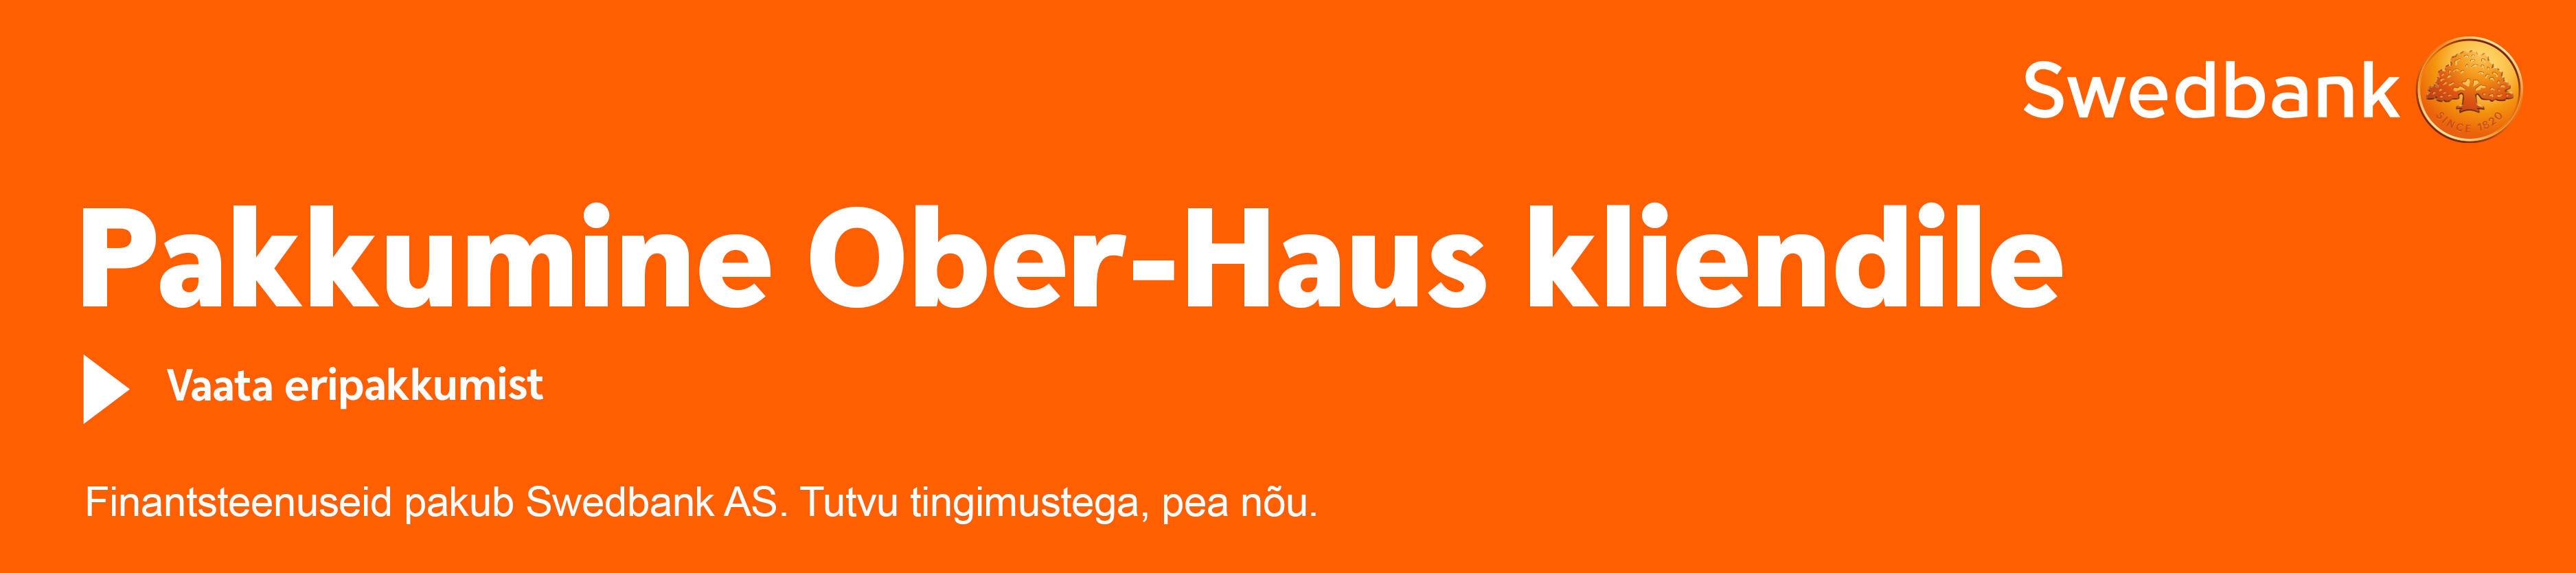 Ober_Haus_EST_3751x834px